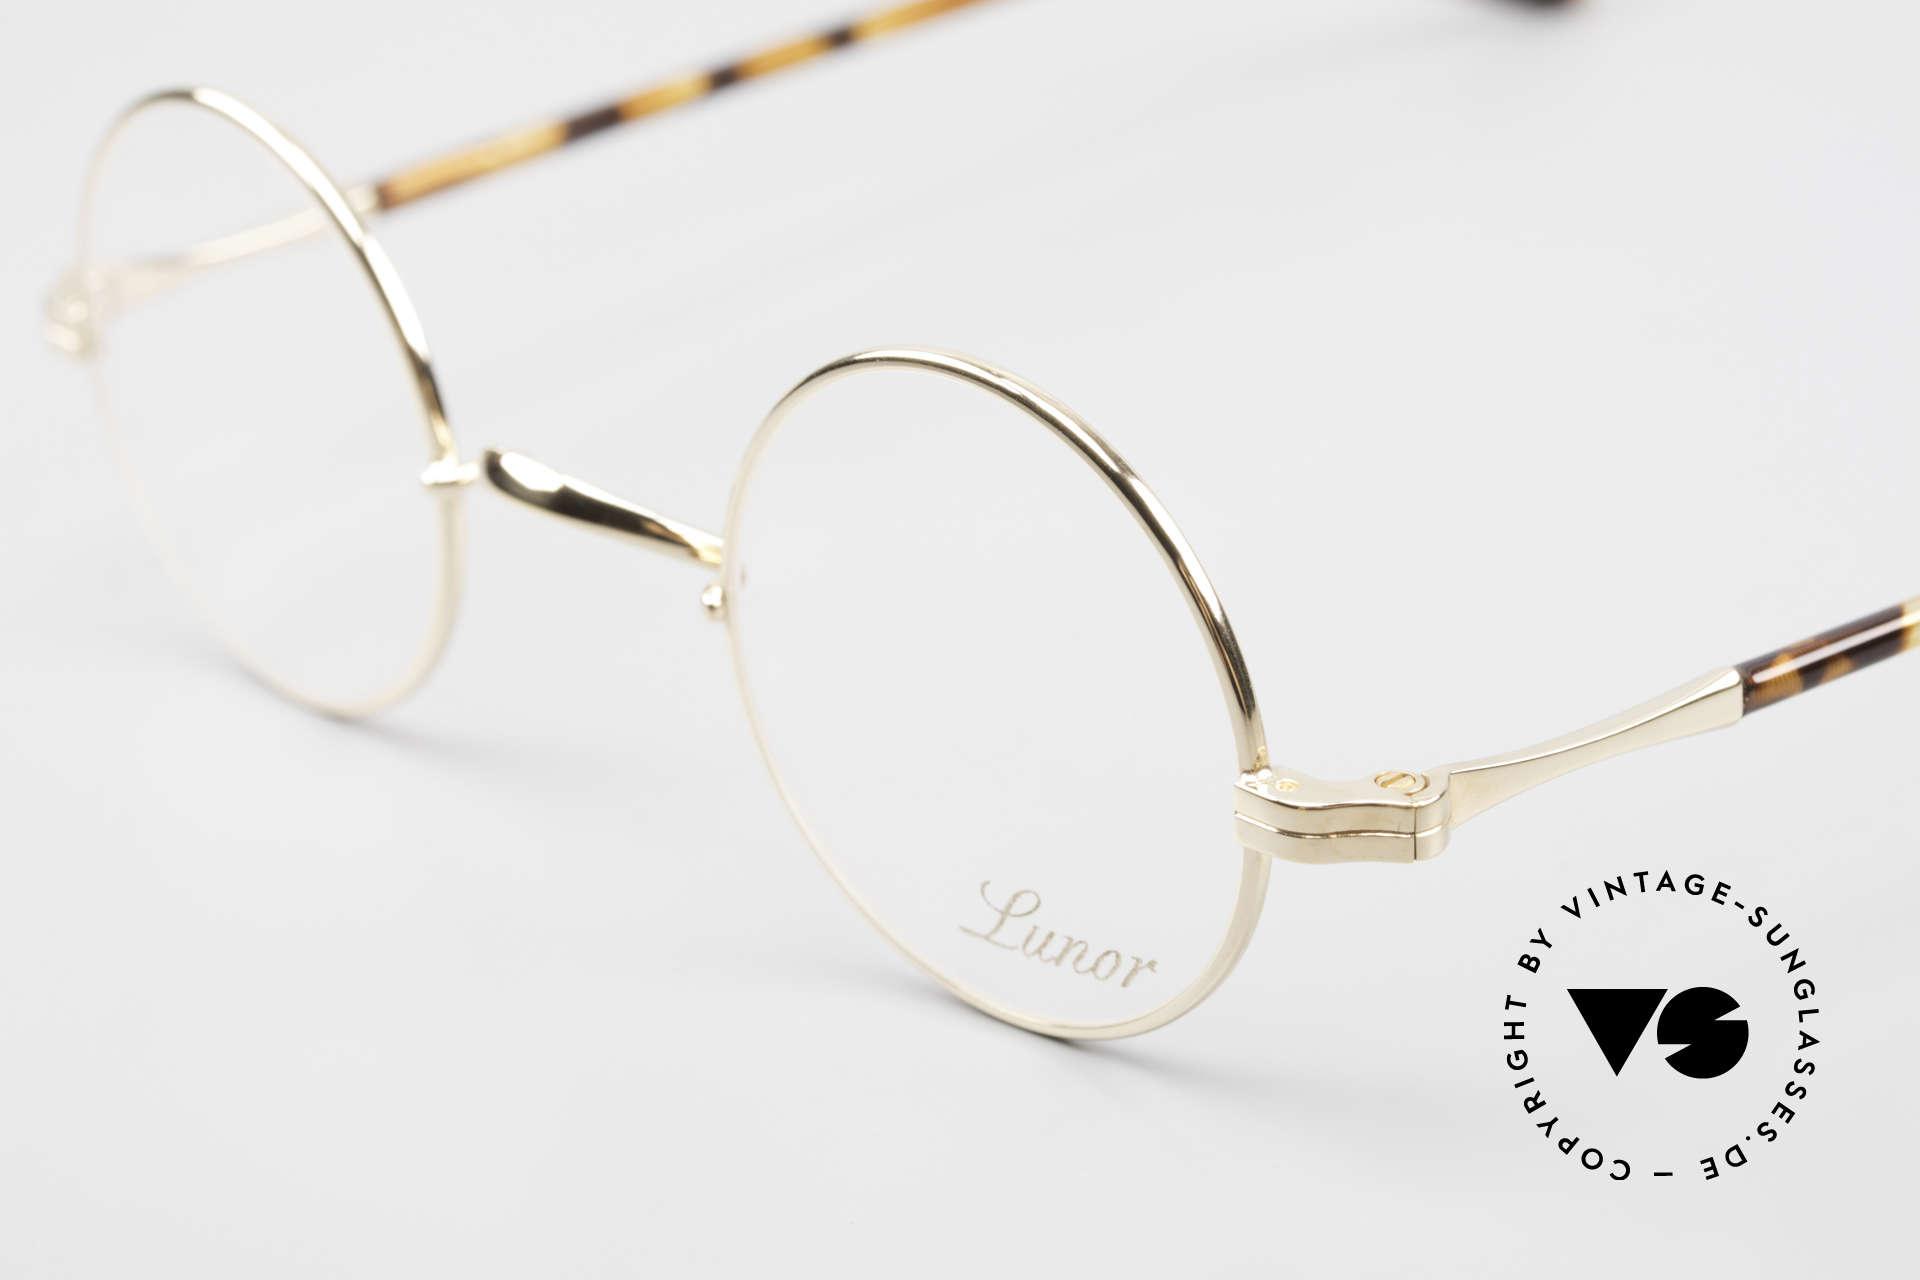 """Lunor II A 12 Runde Brille 22kt Vergoldet, hier das runde Modell """"12"""" in KLEINER Größe 38/25, Passend für Herren und Damen"""